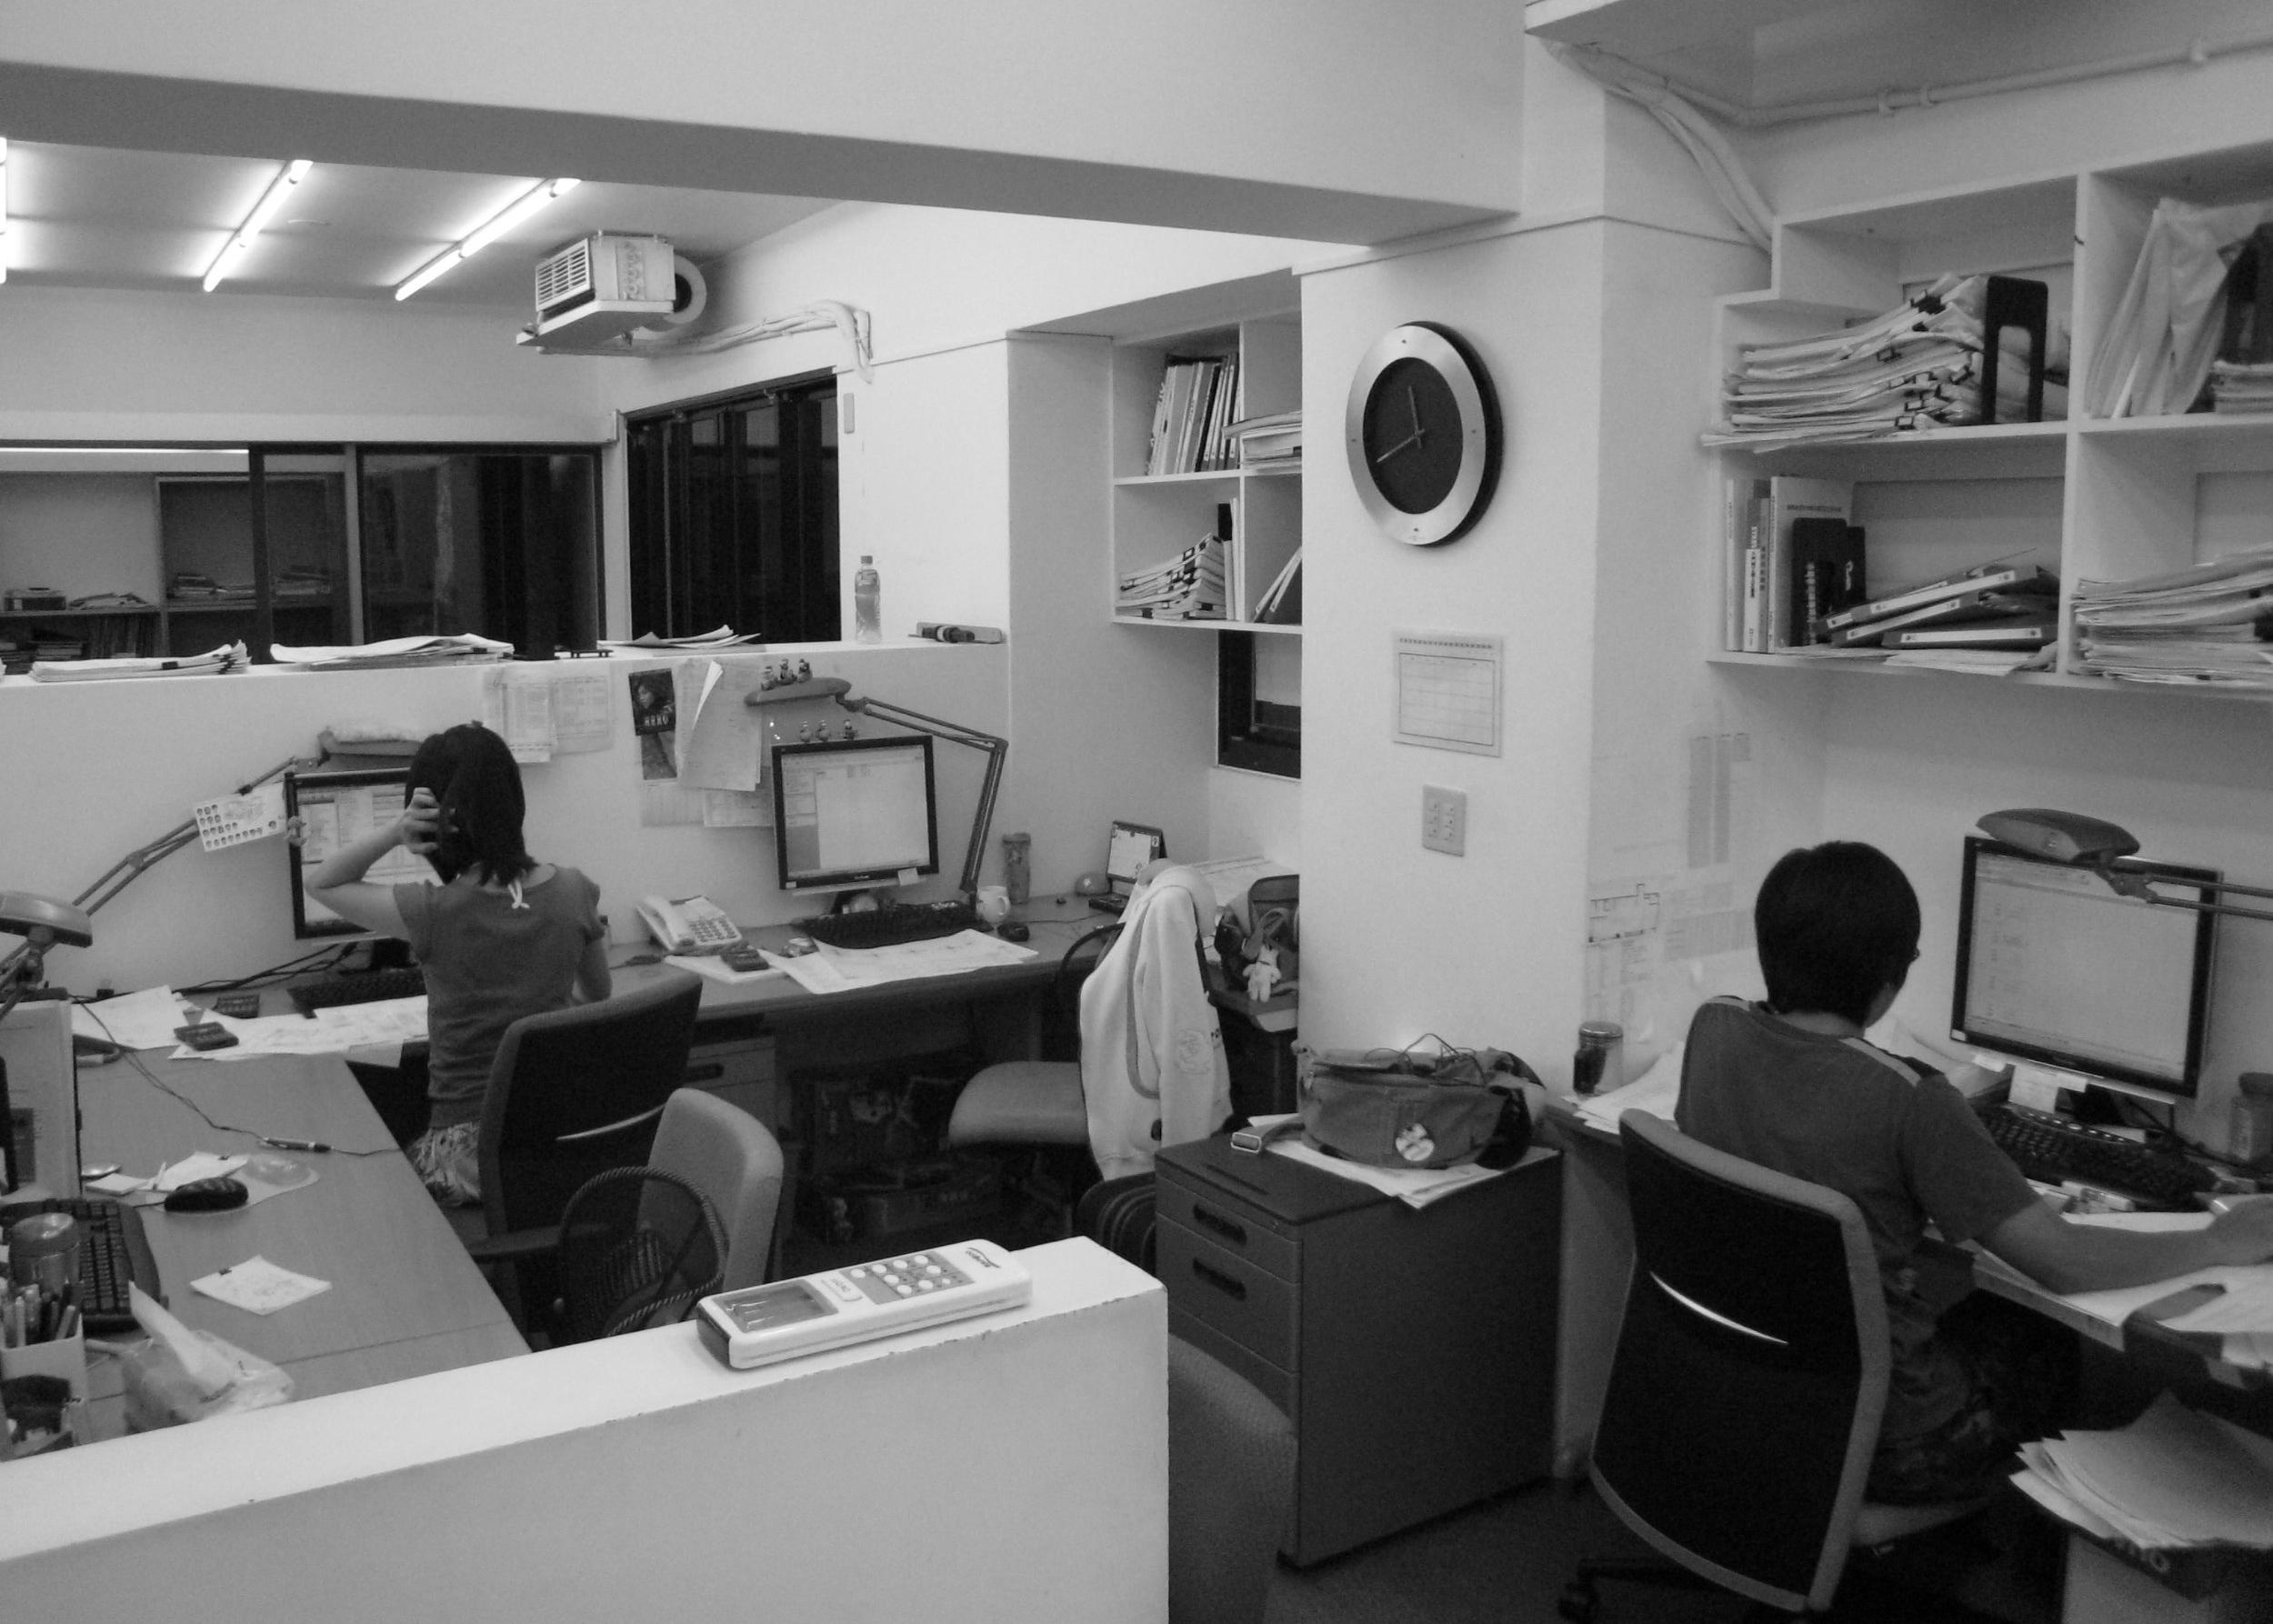 OFFICE 007.jpg